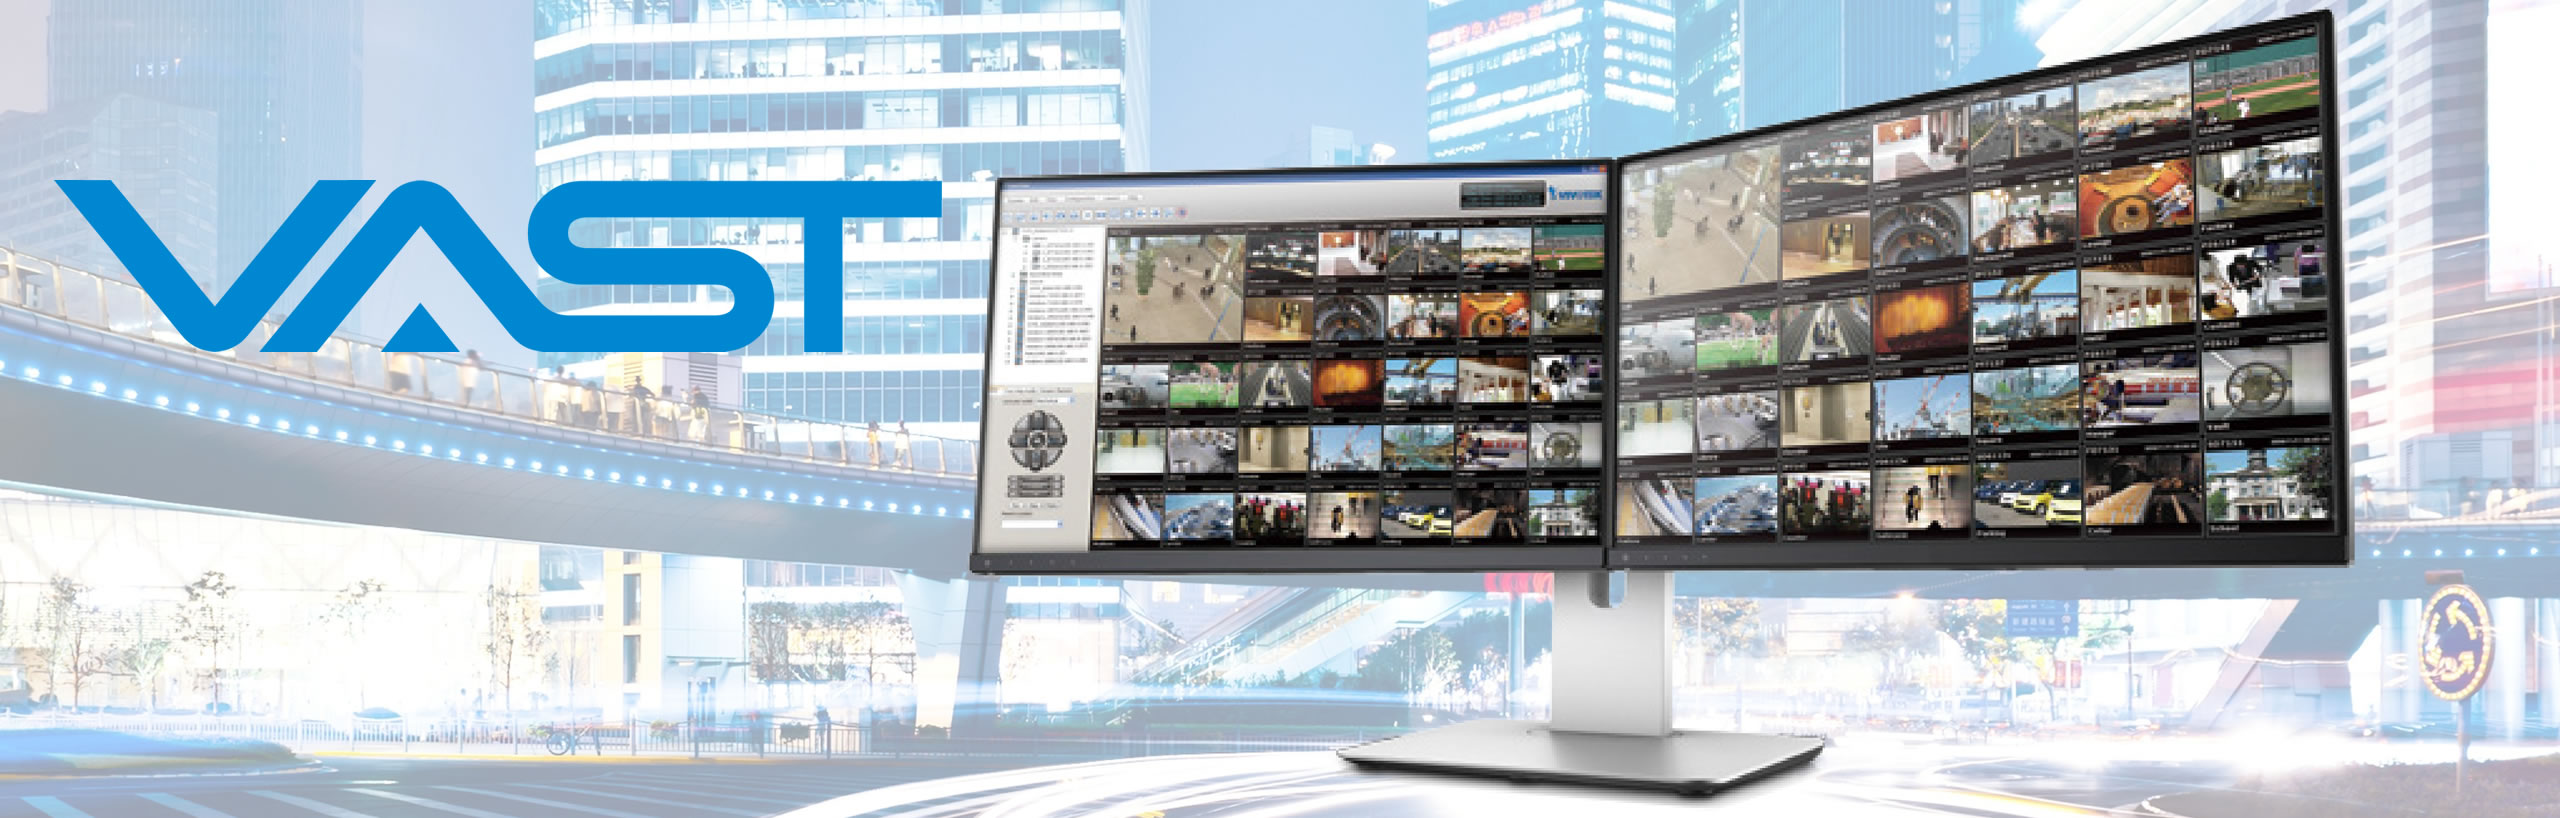 VIVOTEK Upgrades Its Central Management Software VAST to Version 1.10